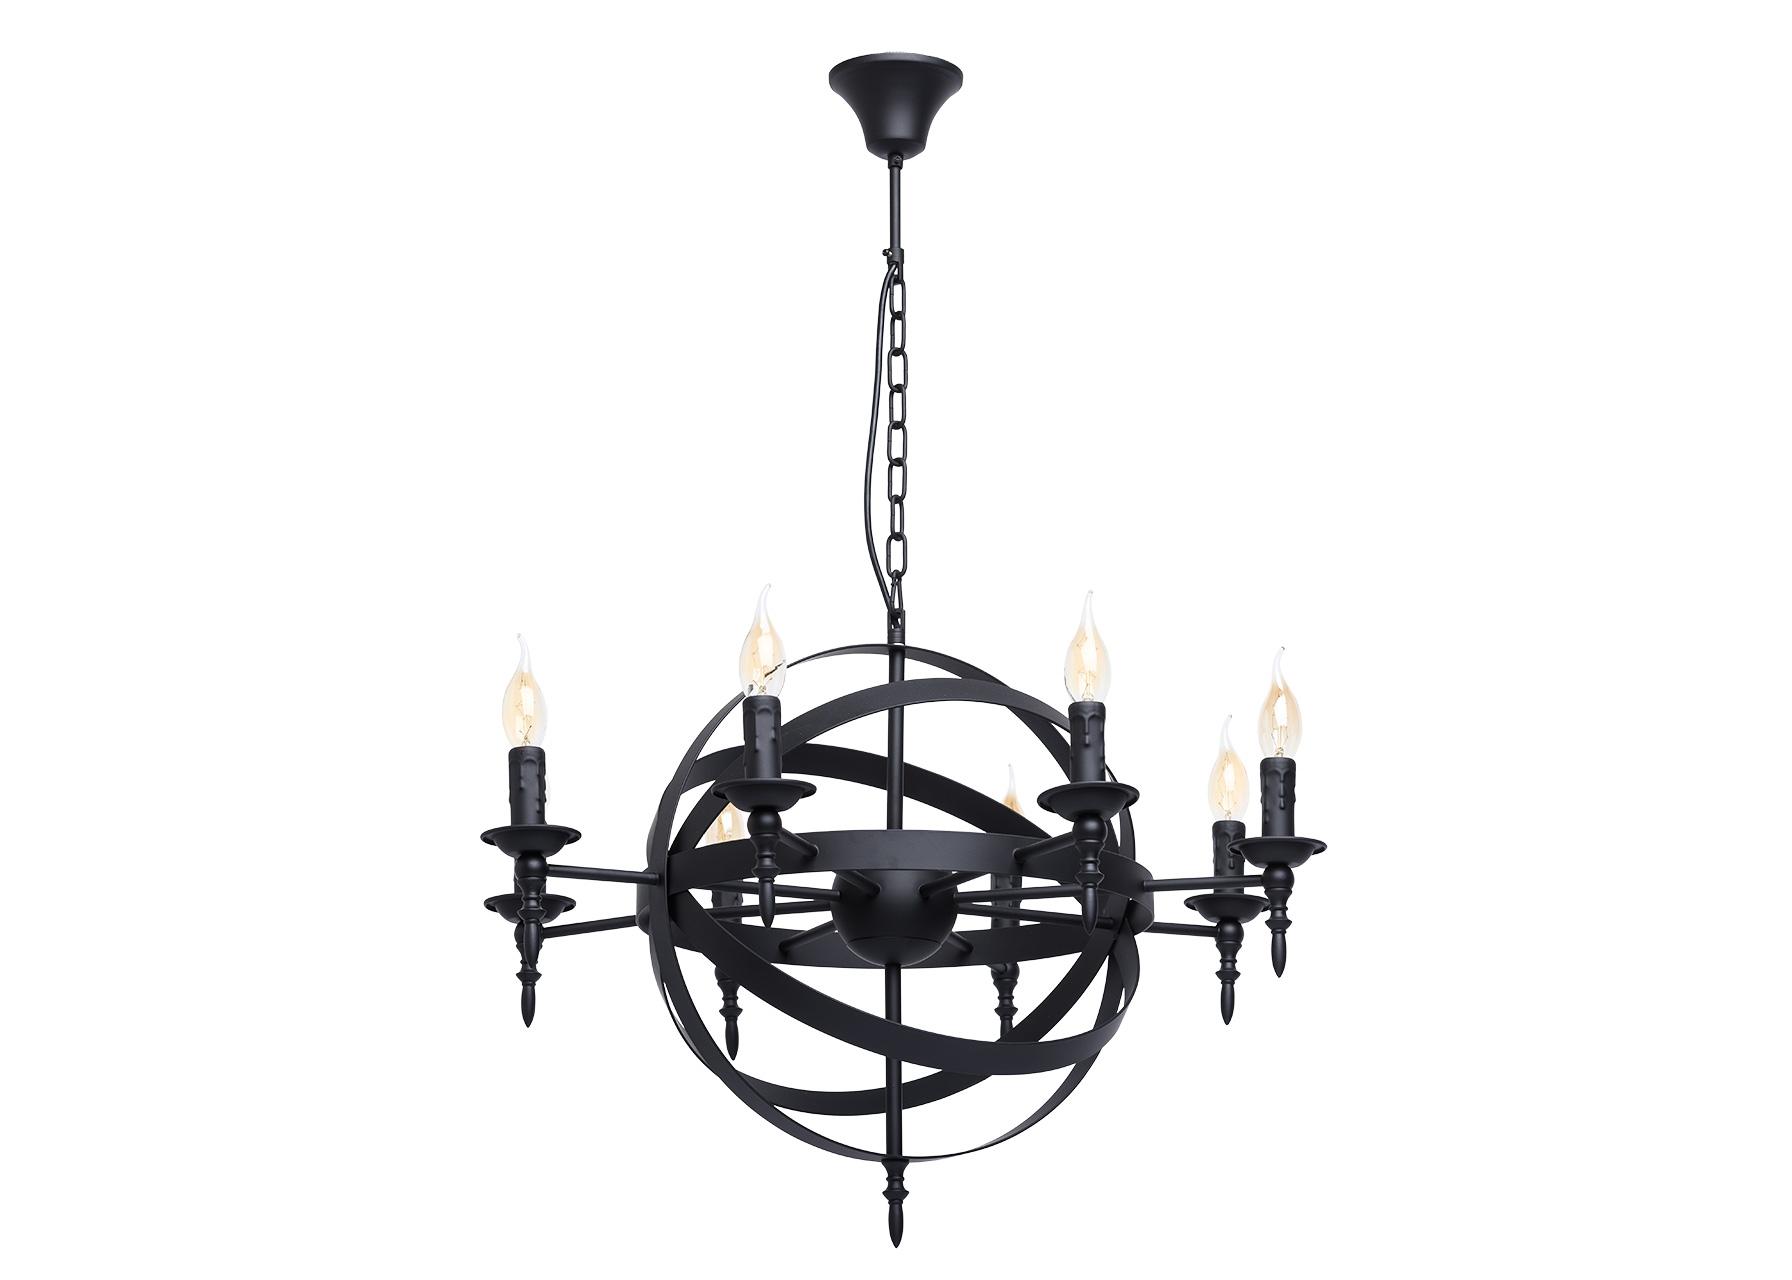 Подвесной светильникЛюстры подвесные<br>&amp;lt;div&amp;gt;Готический дизайн люстры из коллекции «Замок» привлекает сочетанием классических деталей с &amp;amp;nbsp;современными элементами. Люстра выполнена в единой цветовой гамме матового чёрного цвета. Основание из металла плавно переходит в подсвечники для ламп, выполненные в виде оплавленной свечи и напоминающие о классических традициях. Композиция дополнена сферическим переплетением плоских металлических пластин вокруг &amp;amp;nbsp;шара в центральной части светильника. Стильный, трендовый дизайн позволяет люстре «Замок» гармонично смотреться в любой обстановке. Рекомендуемая площадь освещения порядка 24 кв.м.&amp;lt;/div&amp;gt;&amp;lt;div&amp;gt;Арматура светильника выполнена из сплава металла и окрашенна в черный цвет. Напатронники выполнены в виде оплавленной свечи.&amp;lt;/div&amp;gt;&amp;lt;div&amp;gt;8*60W E14 220 V&amp;lt;/div&amp;gt;<br><br>Material: Металл<br>Height см: 95<br>Diameter см: 68